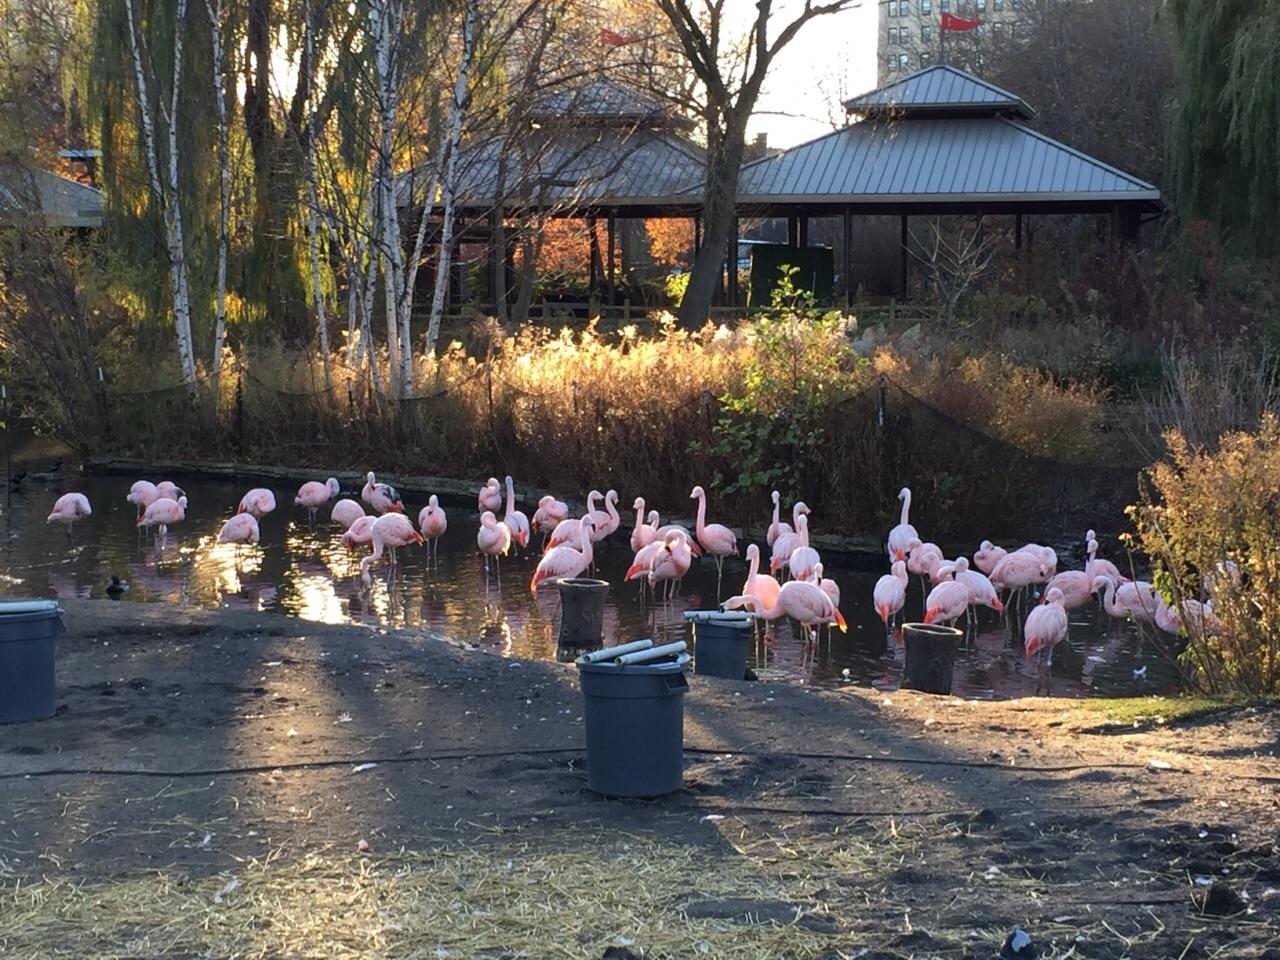 林肯公园动物园旅游景点攻略图